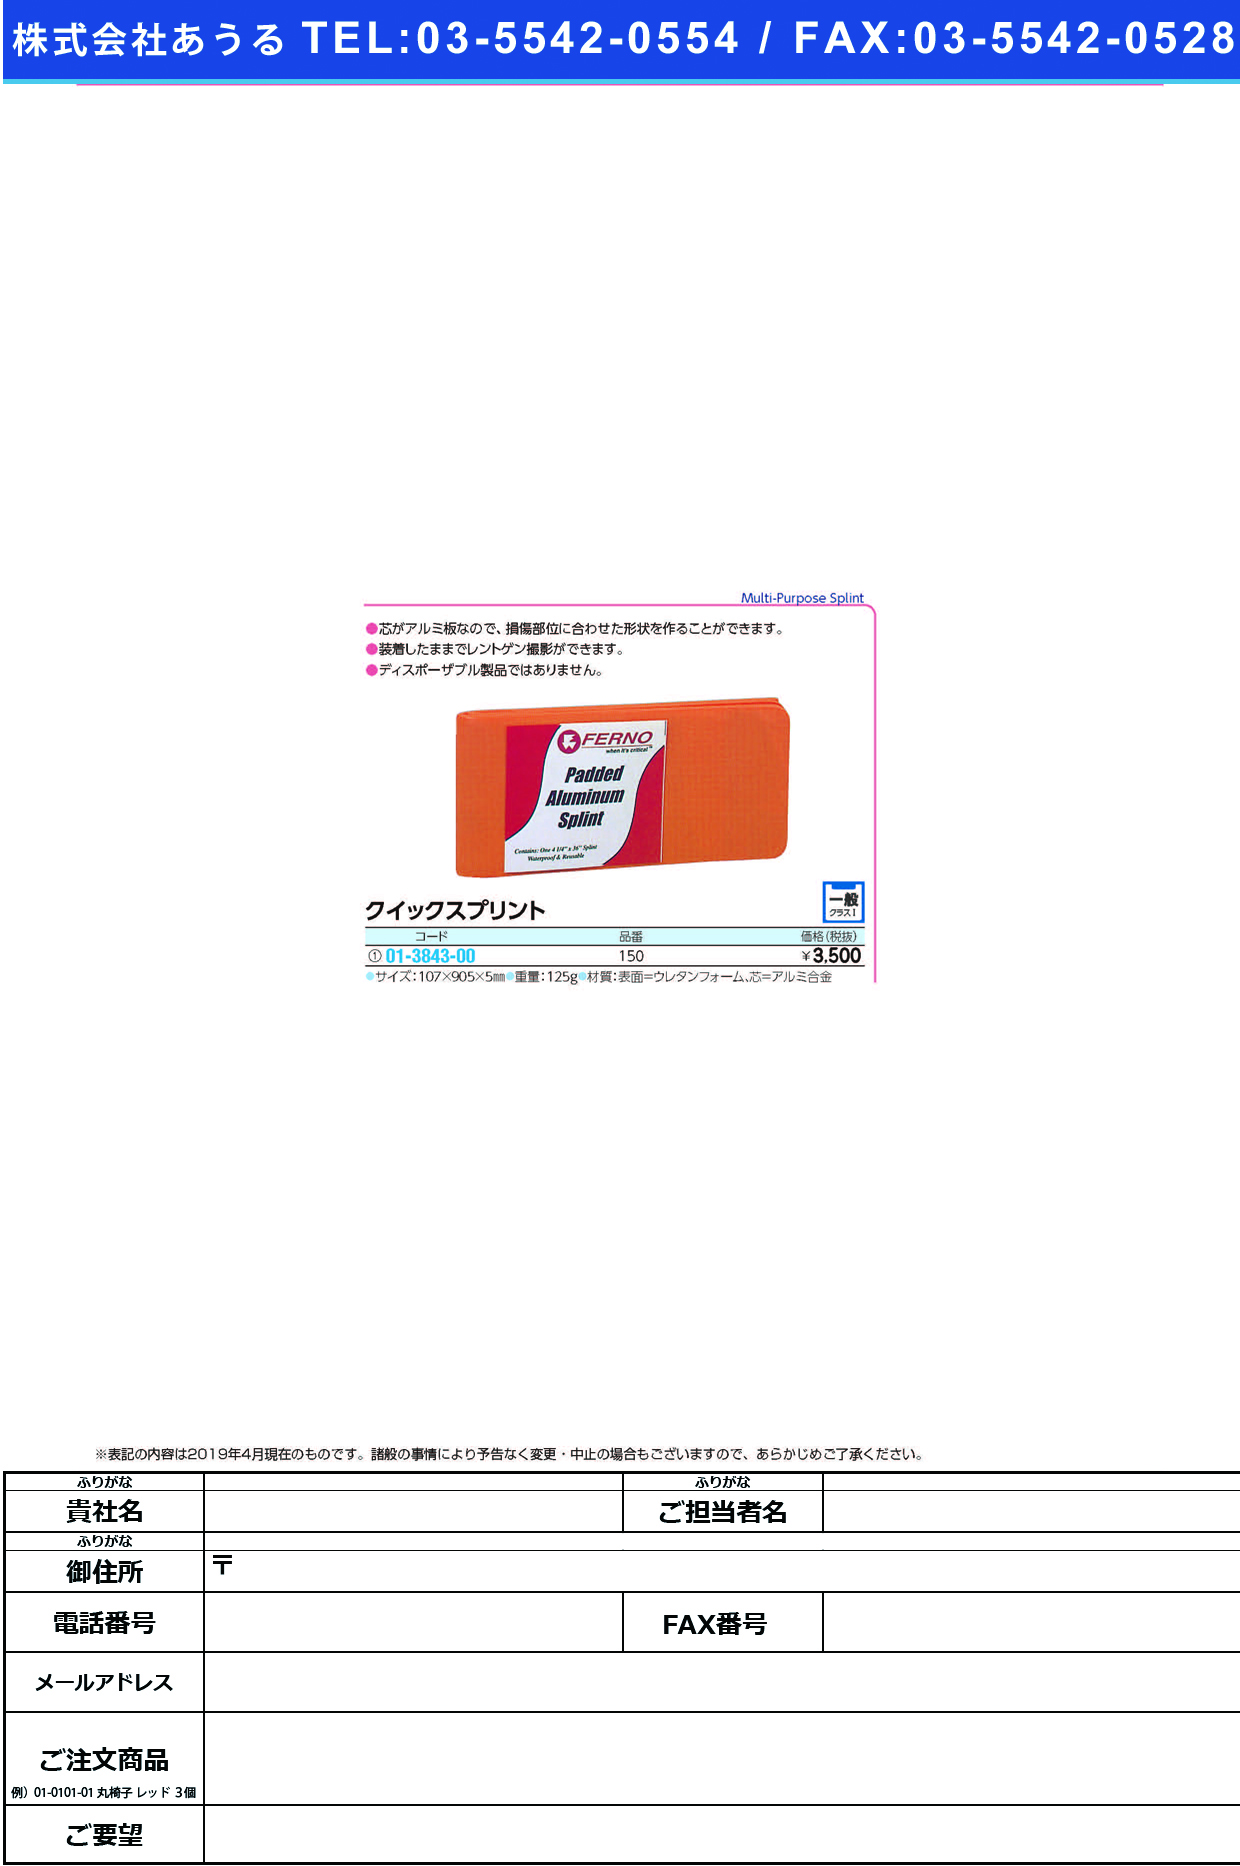 (01-3843-00)クイックスプリント 150 クイックスプリント【1枚単位】【2019年カタログ商品】